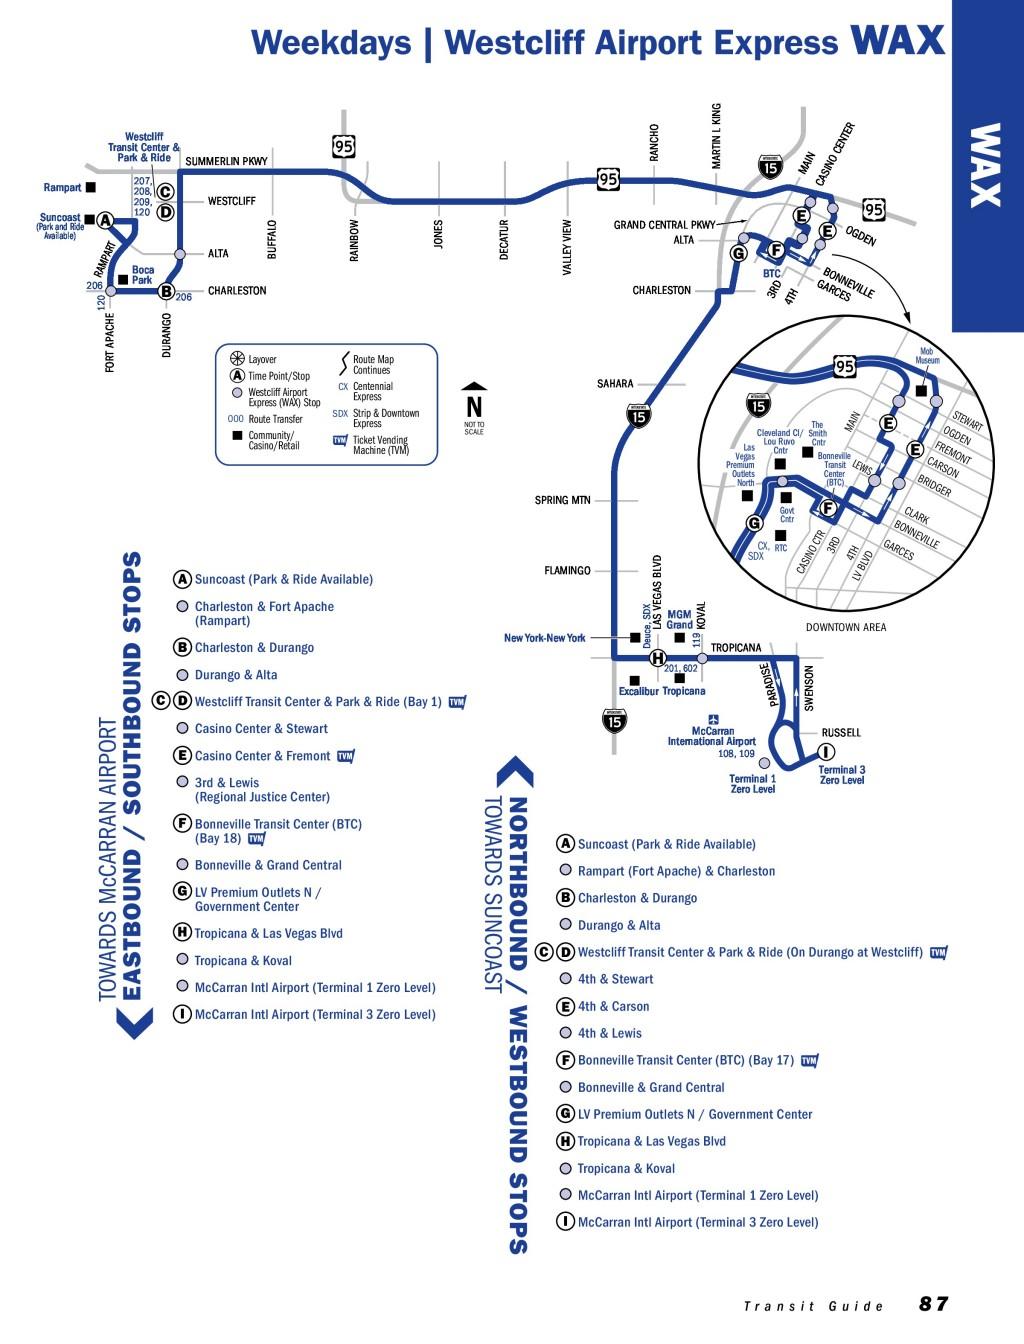 แผนที่เส้นทางเดินรถ RTC WAX ในลาสเวกัส